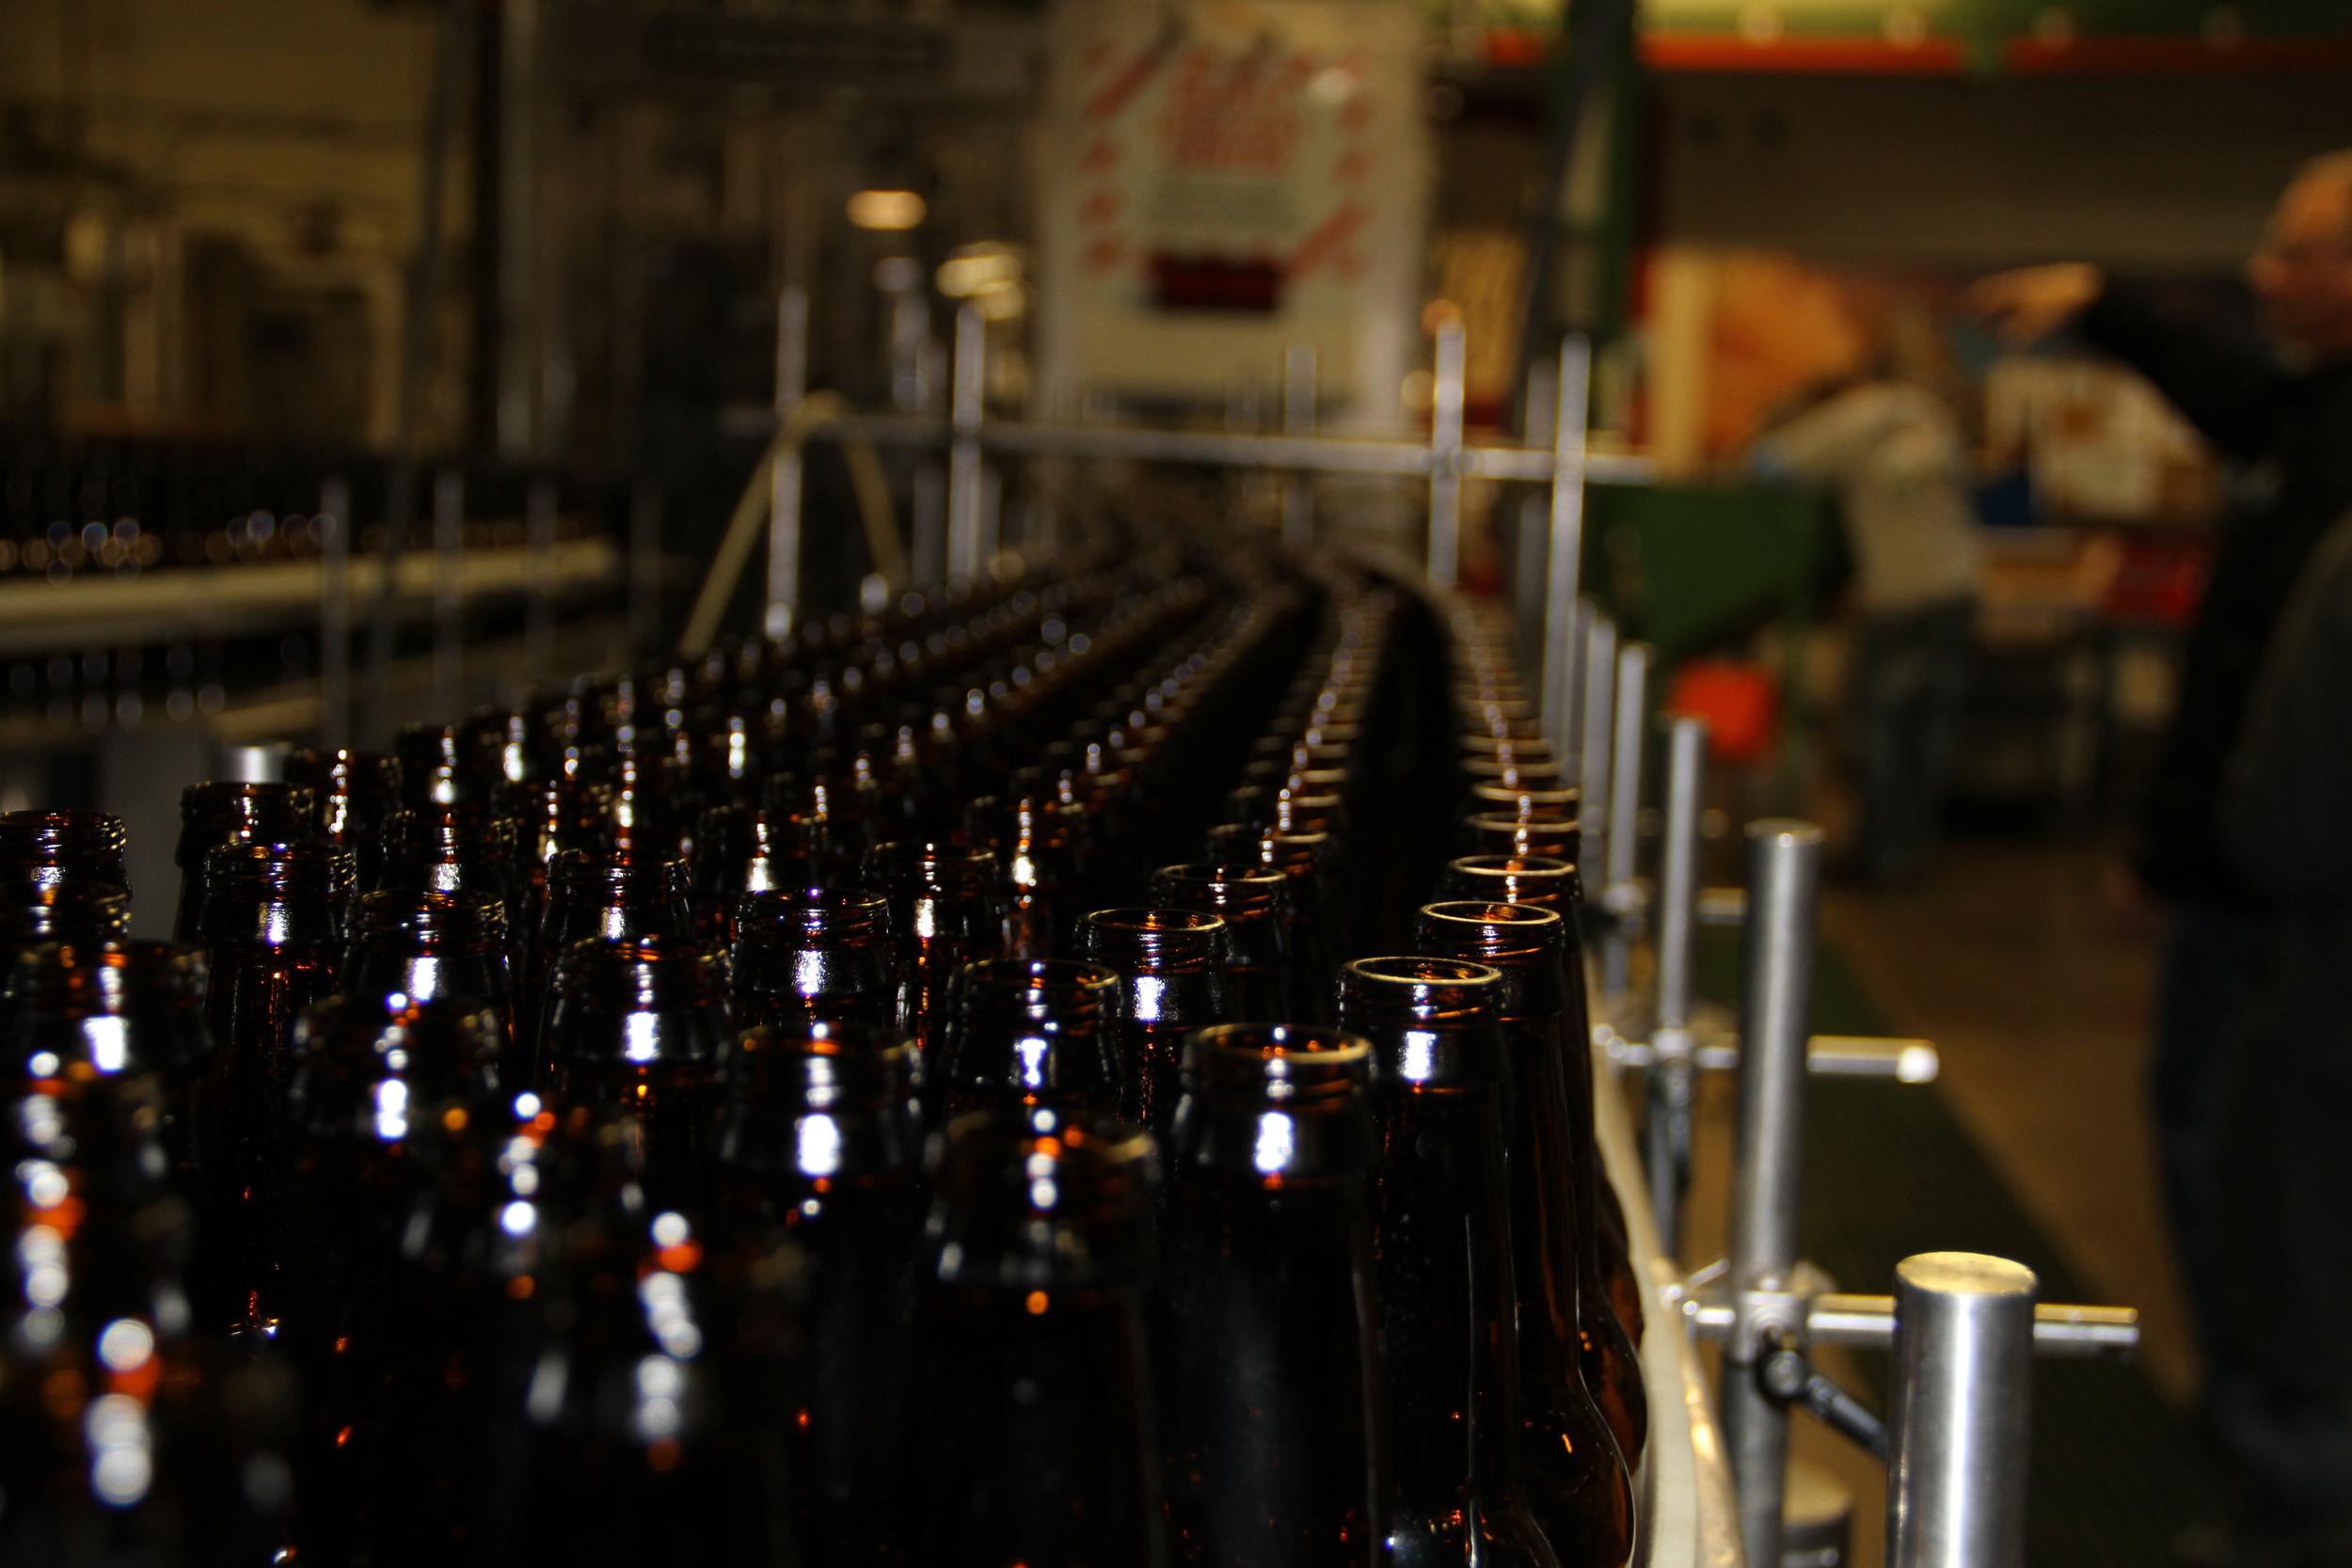 Bottling line, Shipyard, Portland